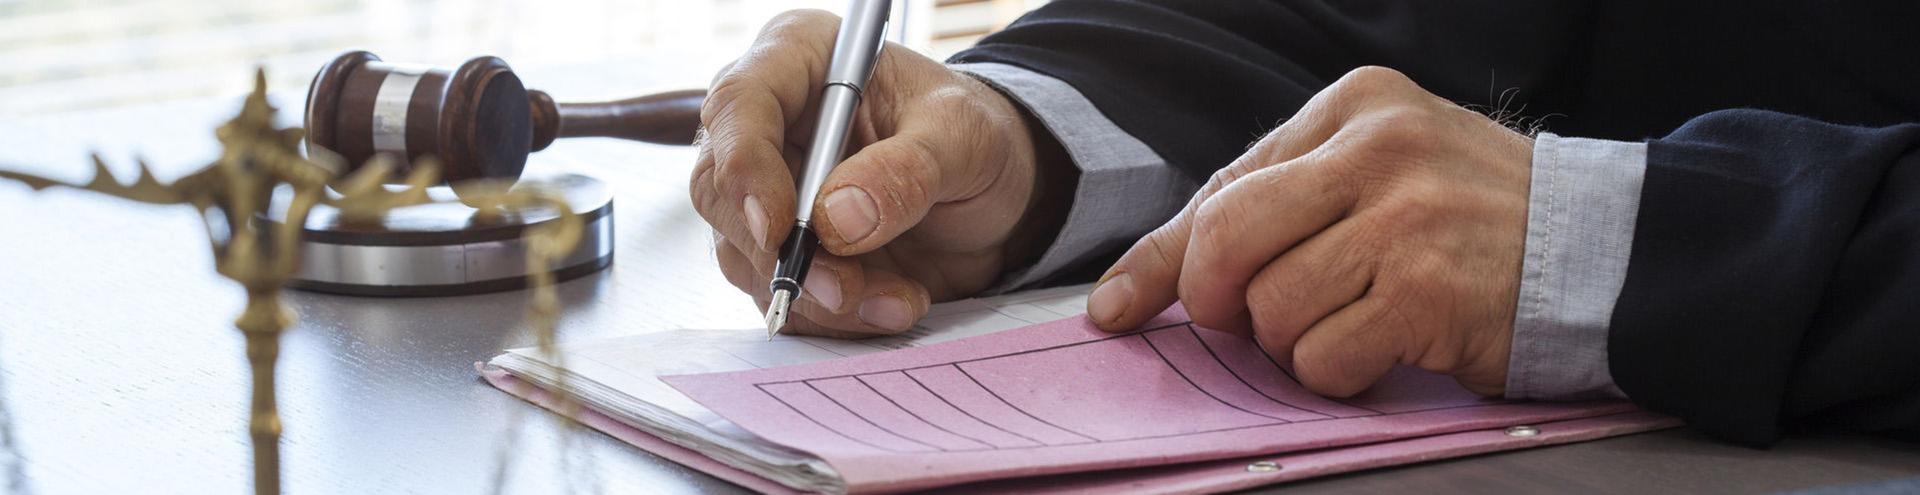 розыск должника в исполнительном производстве в Рязани